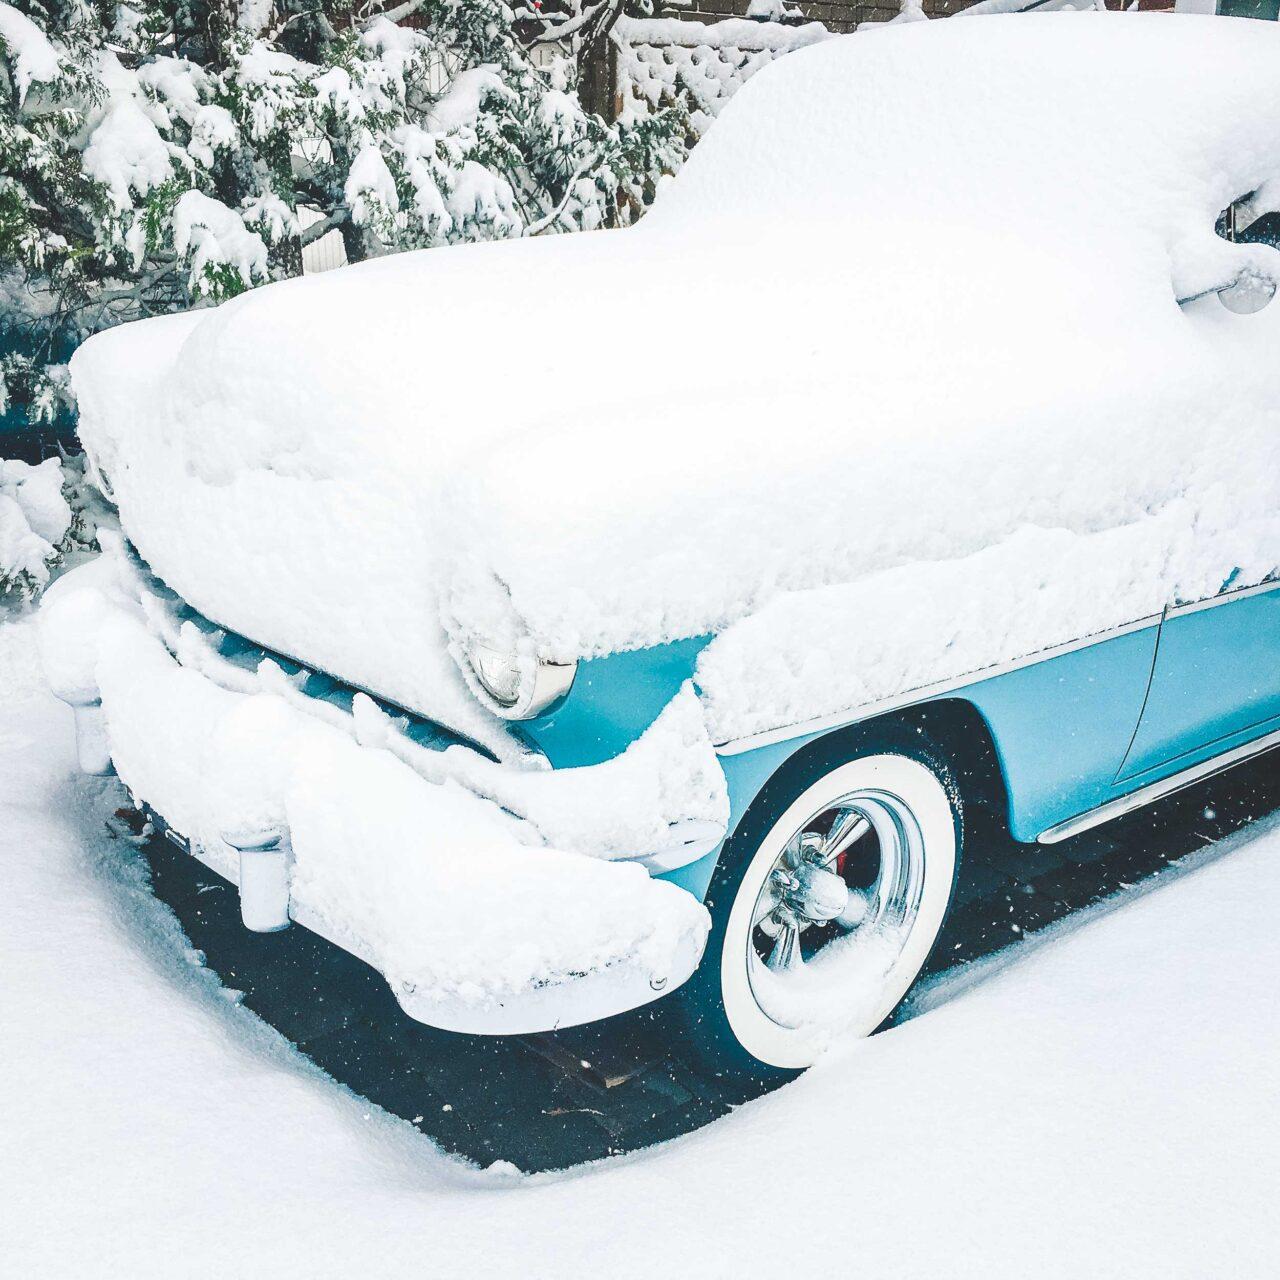 Frosty snowed in